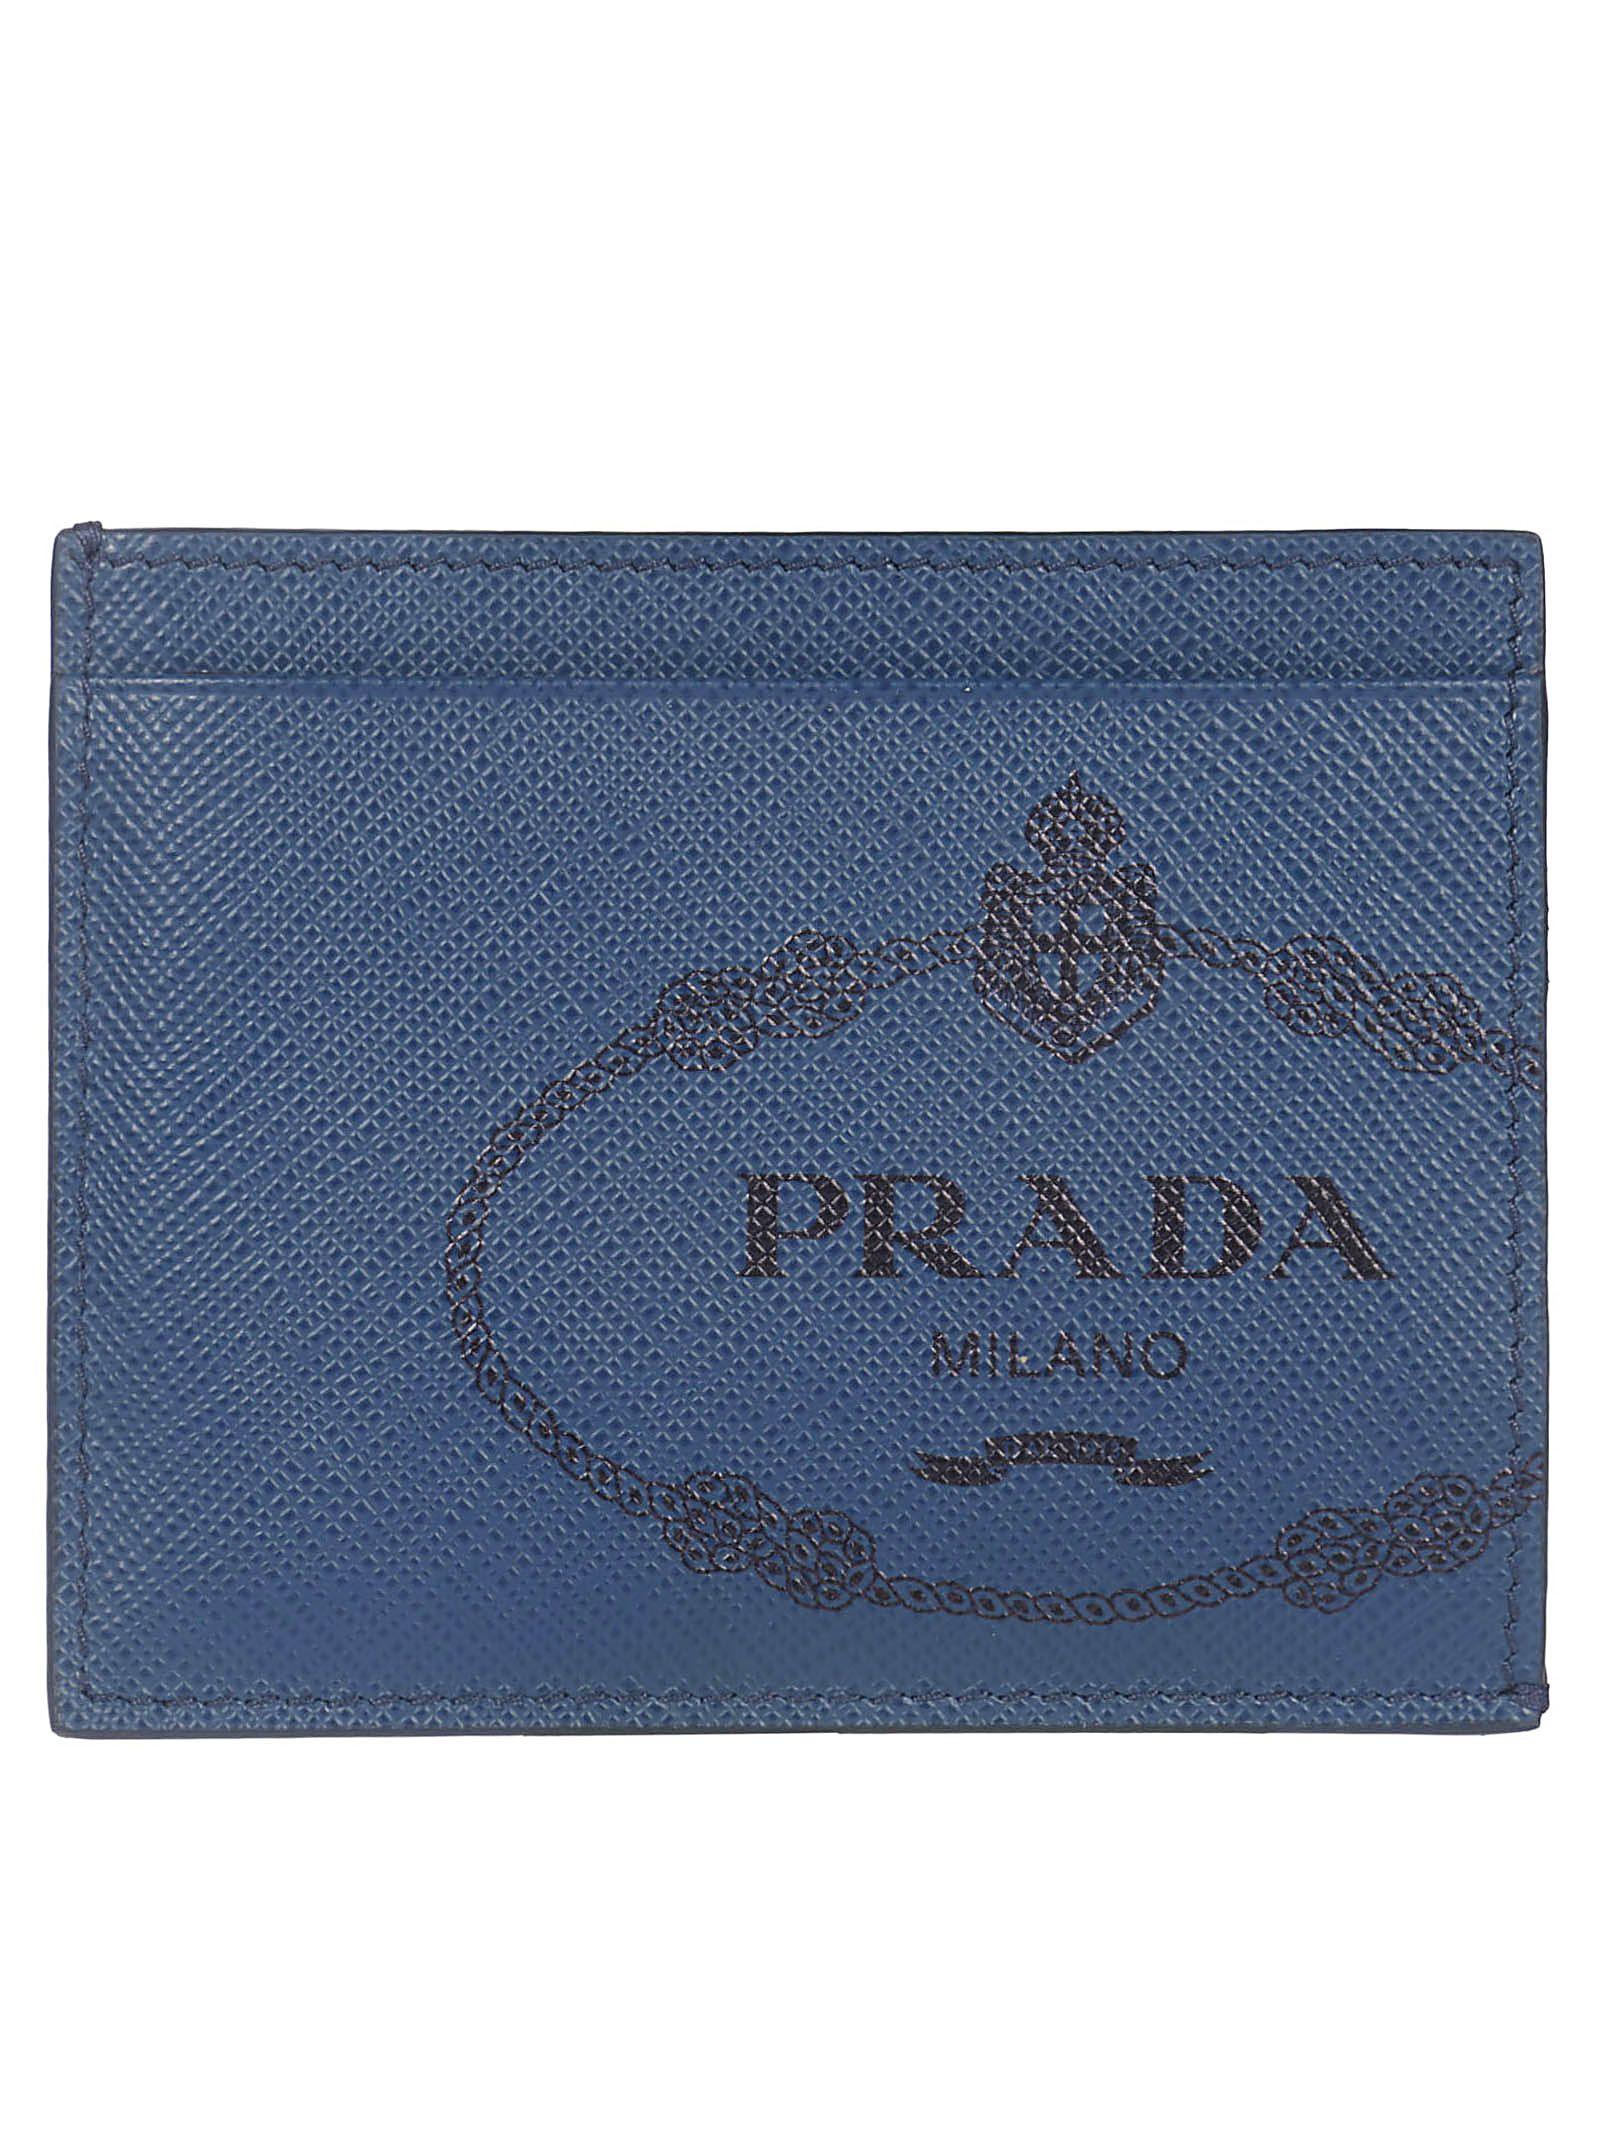 f43f6585e298 Prada Prada Logo Print Card Holder - Blue - 10930752   italist